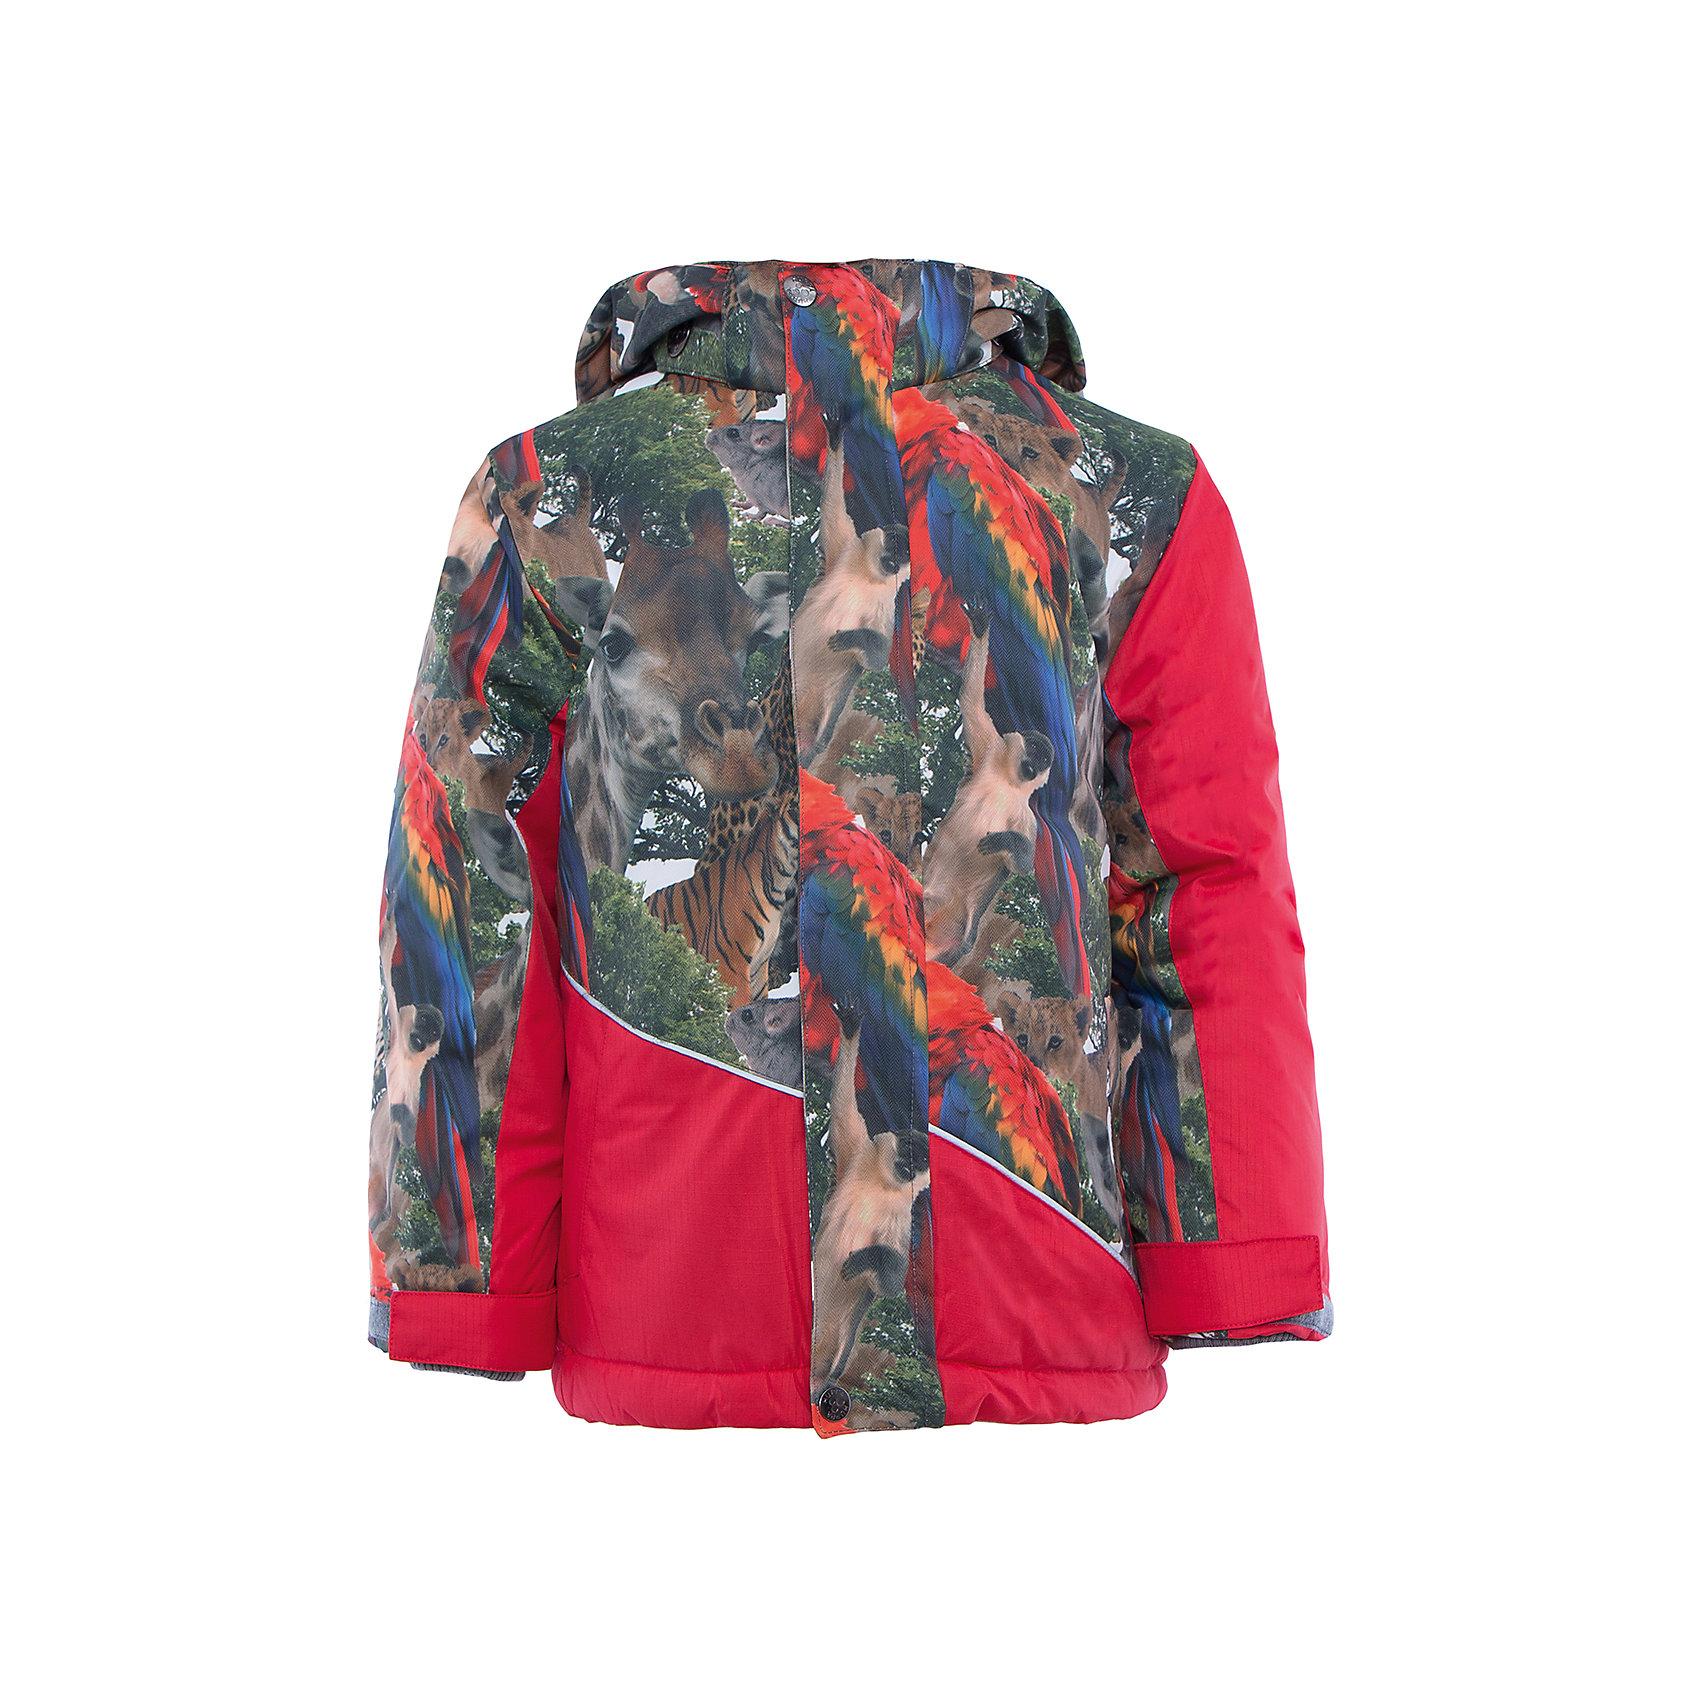 Куртка    HuppaВерхняя одежда<br>Куртка ALEX Huppa(Хуппа).<br><br>Утеплитель: 100% полиэстер, 300 гр.<br><br>Температурный режим: до -30 градусов. Степень утепления – высокая. <br><br>* Температурный режим указан приблизительно — необходимо, прежде всего, ориентироваться на ощущения ребенка. Температурный режим работает в случае соблюдения правила многослойности – использования флисовой поддевы и термобелья.<br><br>Согреет ребенка даже в очень холодную зиму, а необычный дизайн привлечет внимание и придаст уверенности в себе!<br><br>Особенности:<br>-синтетический утеплитель HuppaTherm отлично сохраняет форму, легко стирается и хорошо сохнет<br>-водонепроницаемая дышащая мембрана<br>-при проклеивании швов использована водостойкая лента для повышения водонепроницаемости<br>-прочная и долговечная ткань<br>-большой капюшон и вместительные карманы<br>-светоотражающие элементы для снижения вероятности несчастных случаев в темное время суток<br>-отстегивающийся капюшон<br><br>Дополнительная информация:<br>Материал: 100% полиэстер<br>Подкладка: флис, тафта - 100% полиэстер<br>Цвет: красный<br><br>Куртку ALEX Huppa(Хуппа) вы можете приобрести в нашем интернет-магазине.<br><br>Ширина мм: 356<br>Глубина мм: 10<br>Высота мм: 245<br>Вес г: 519<br>Цвет: красный<br>Возраст от месяцев: 36<br>Возраст до месяцев: 48<br>Пол: Унисекс<br>Возраст: Детский<br>Размер: 104,140,134,128,122,116,110<br>SKU: 4928273